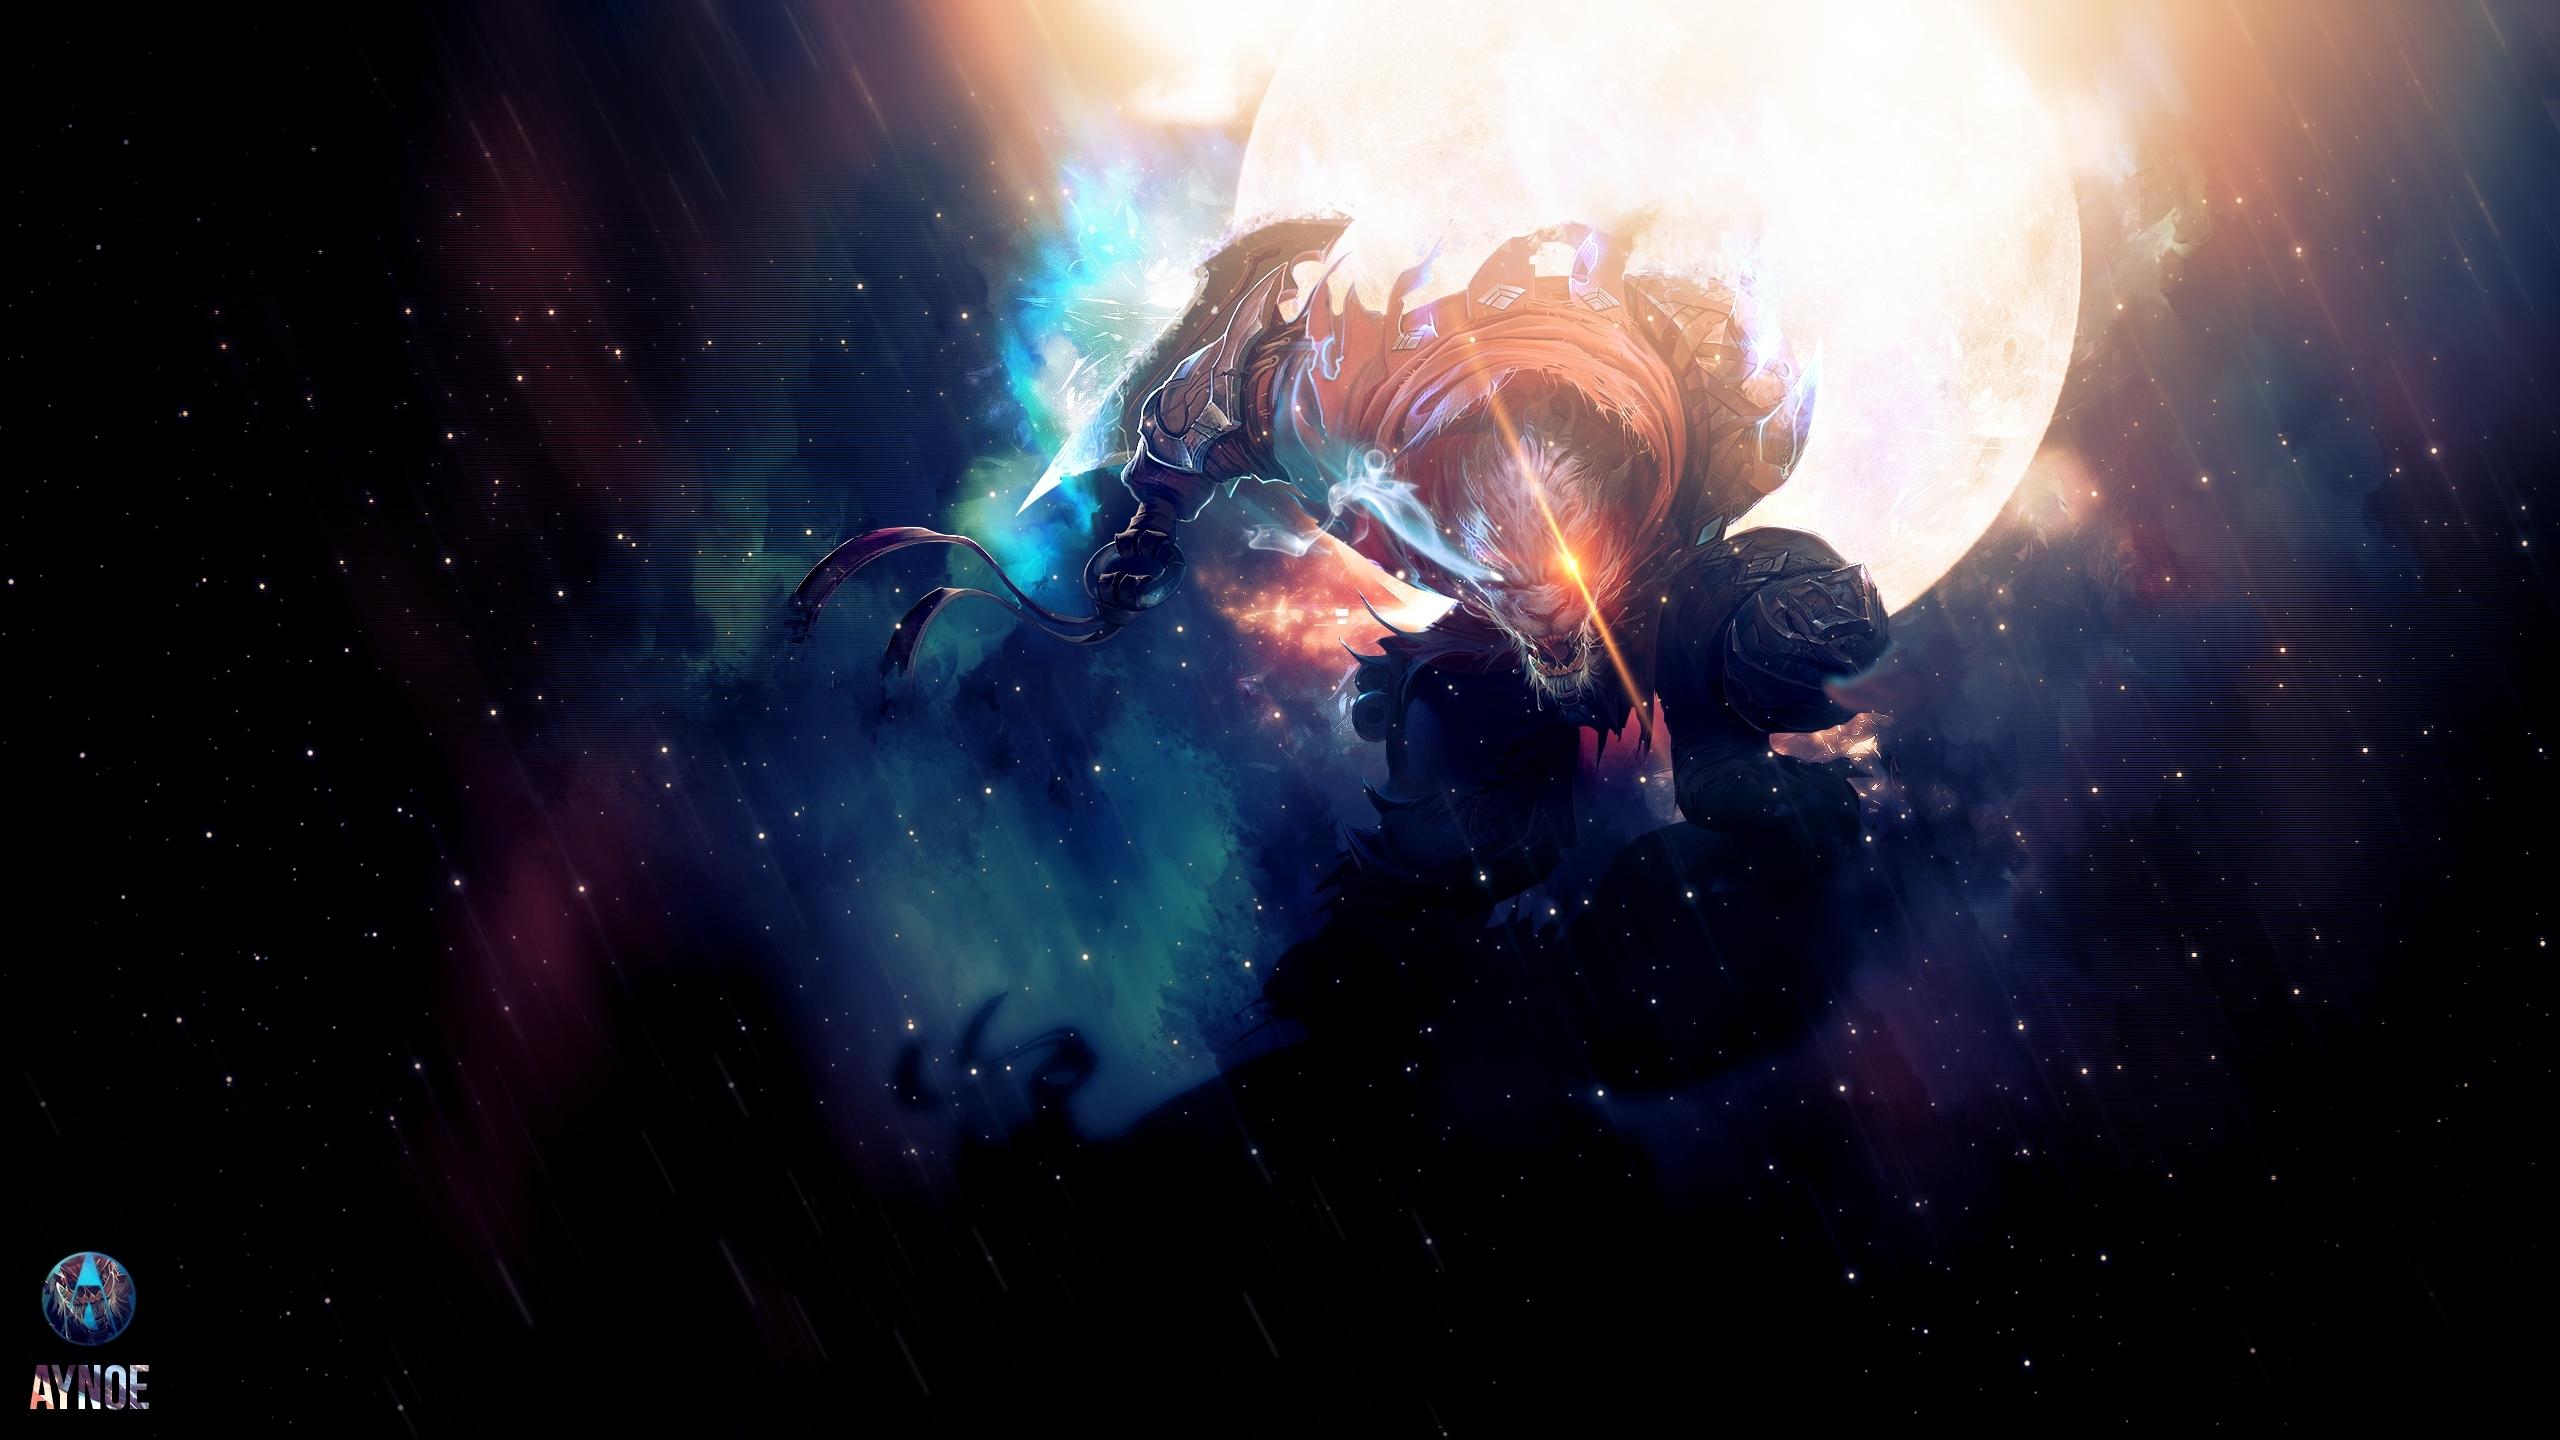 league of legends, rengar, space Wallpaper, HD Games 4K ...